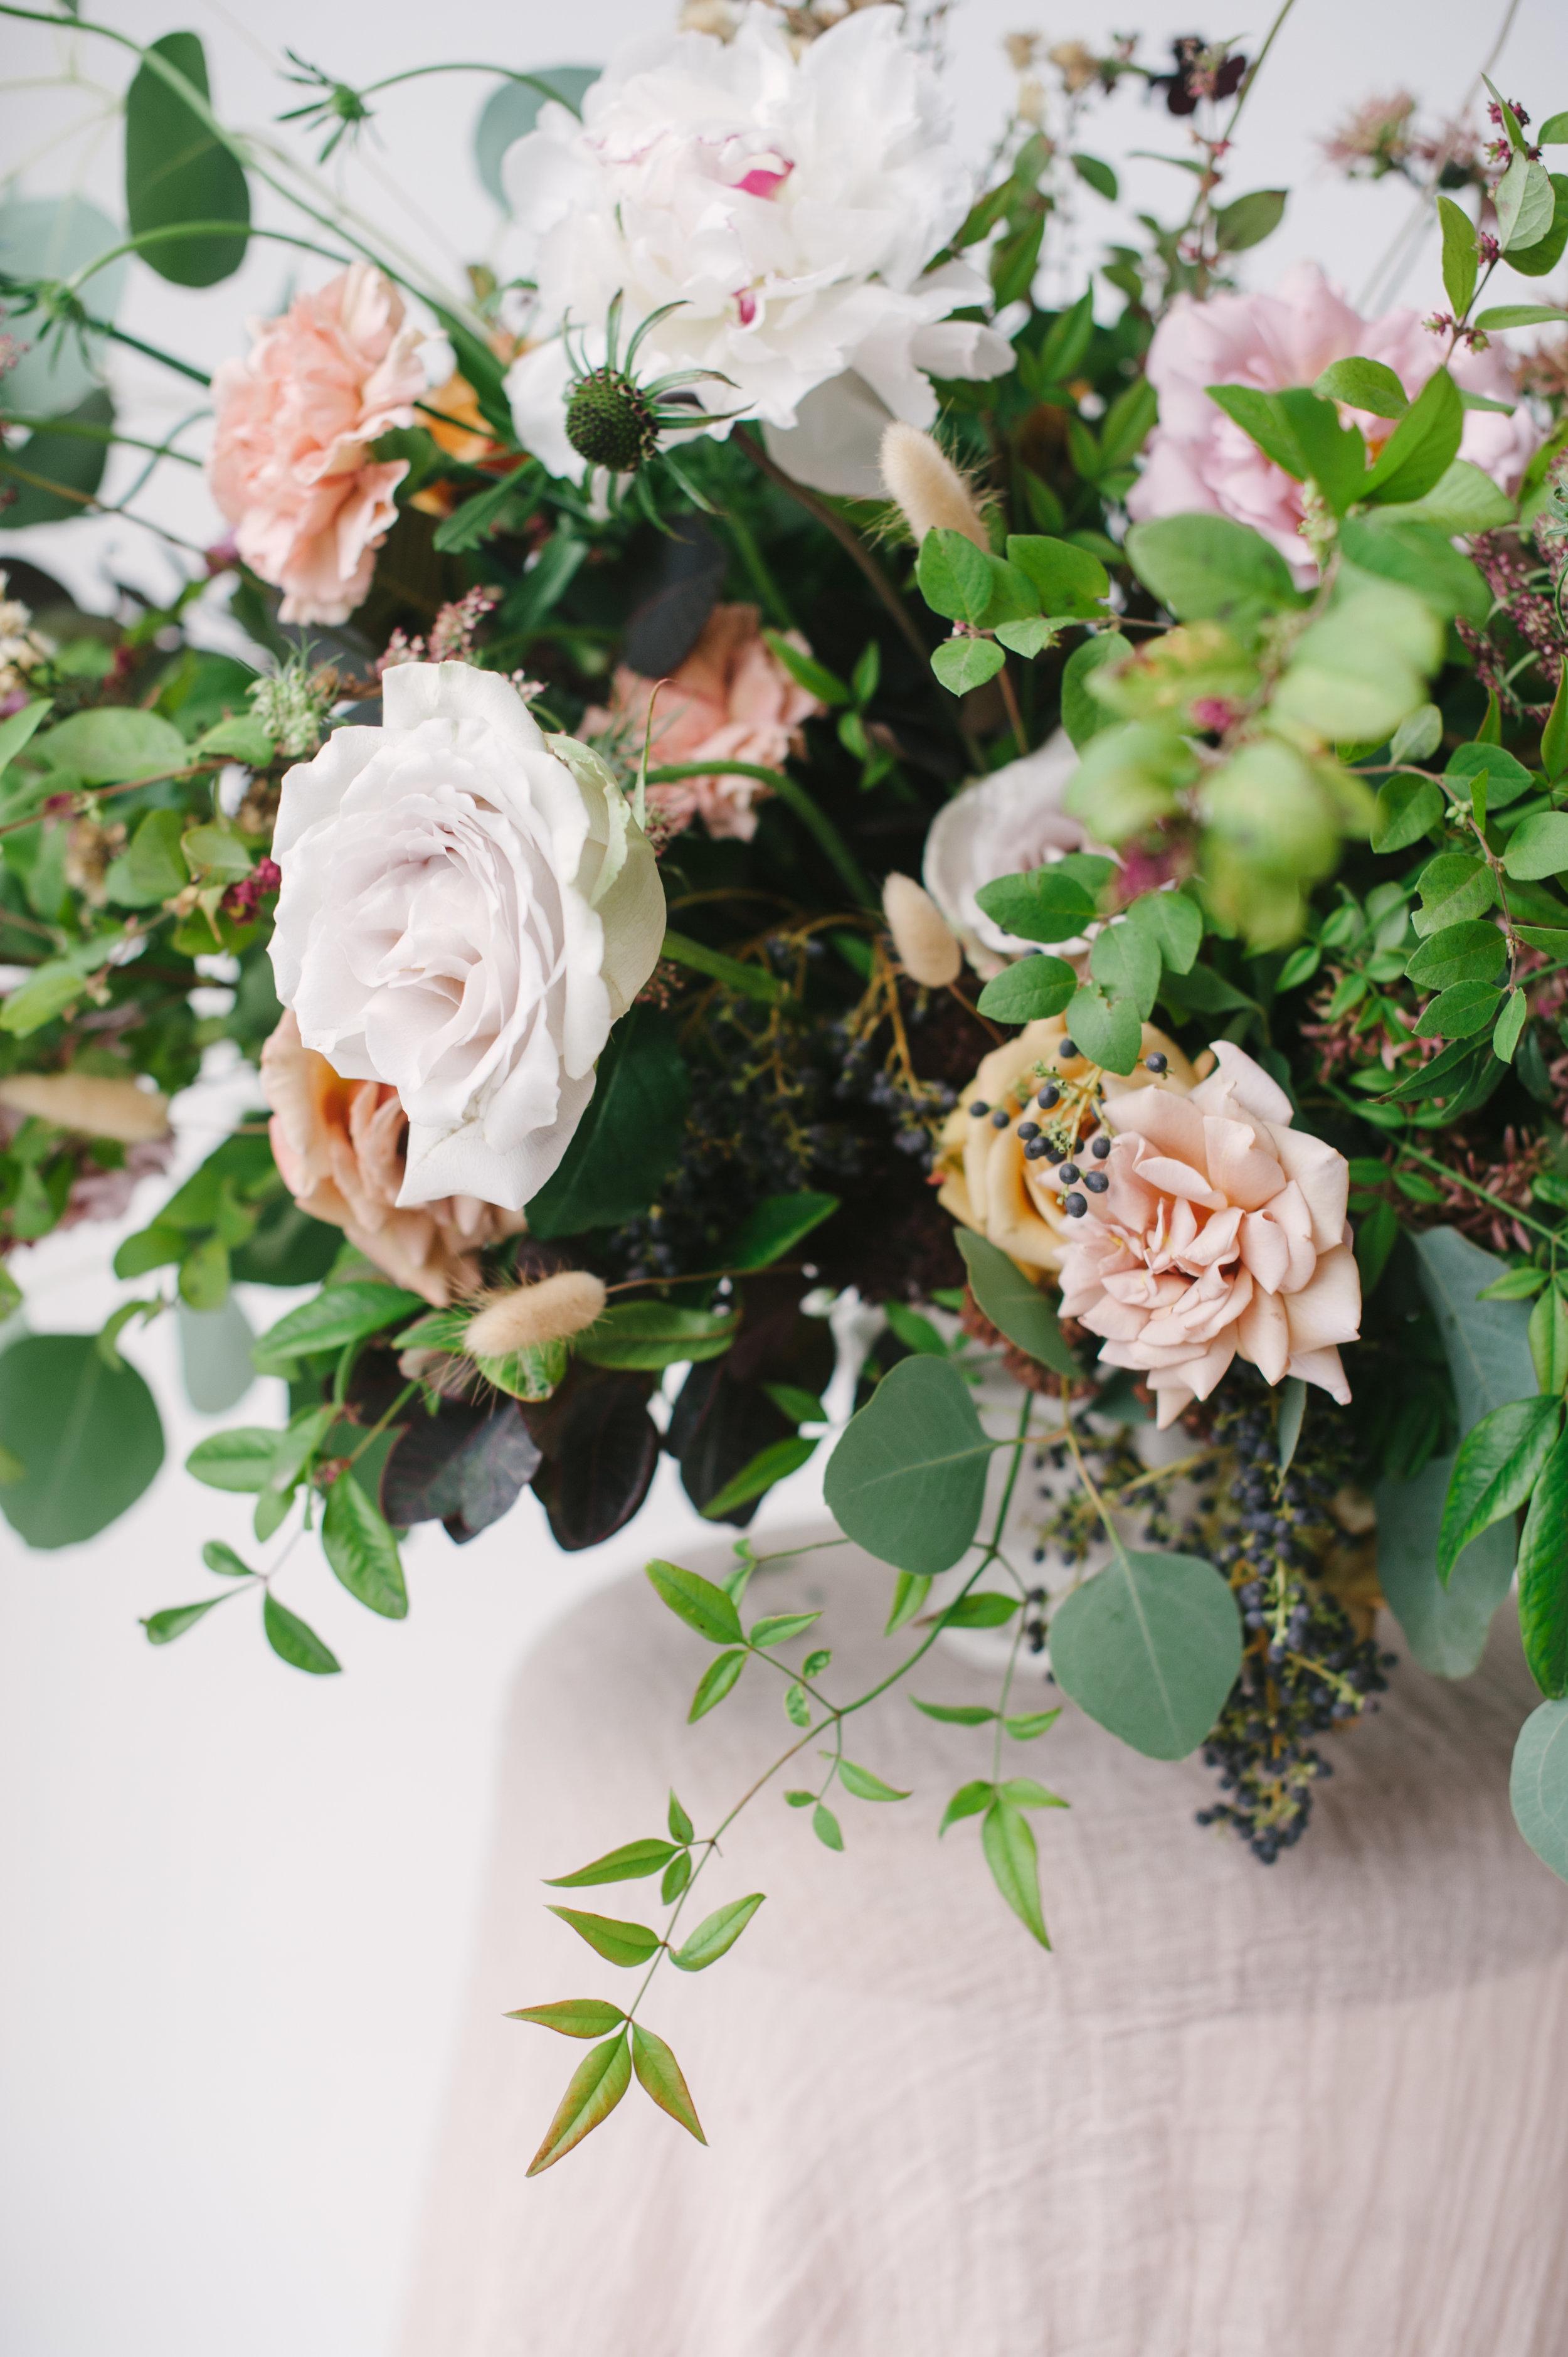 siren-floral-co-plenty-of-petals-romantik-floral-centerpiece-workshop-10.jpg